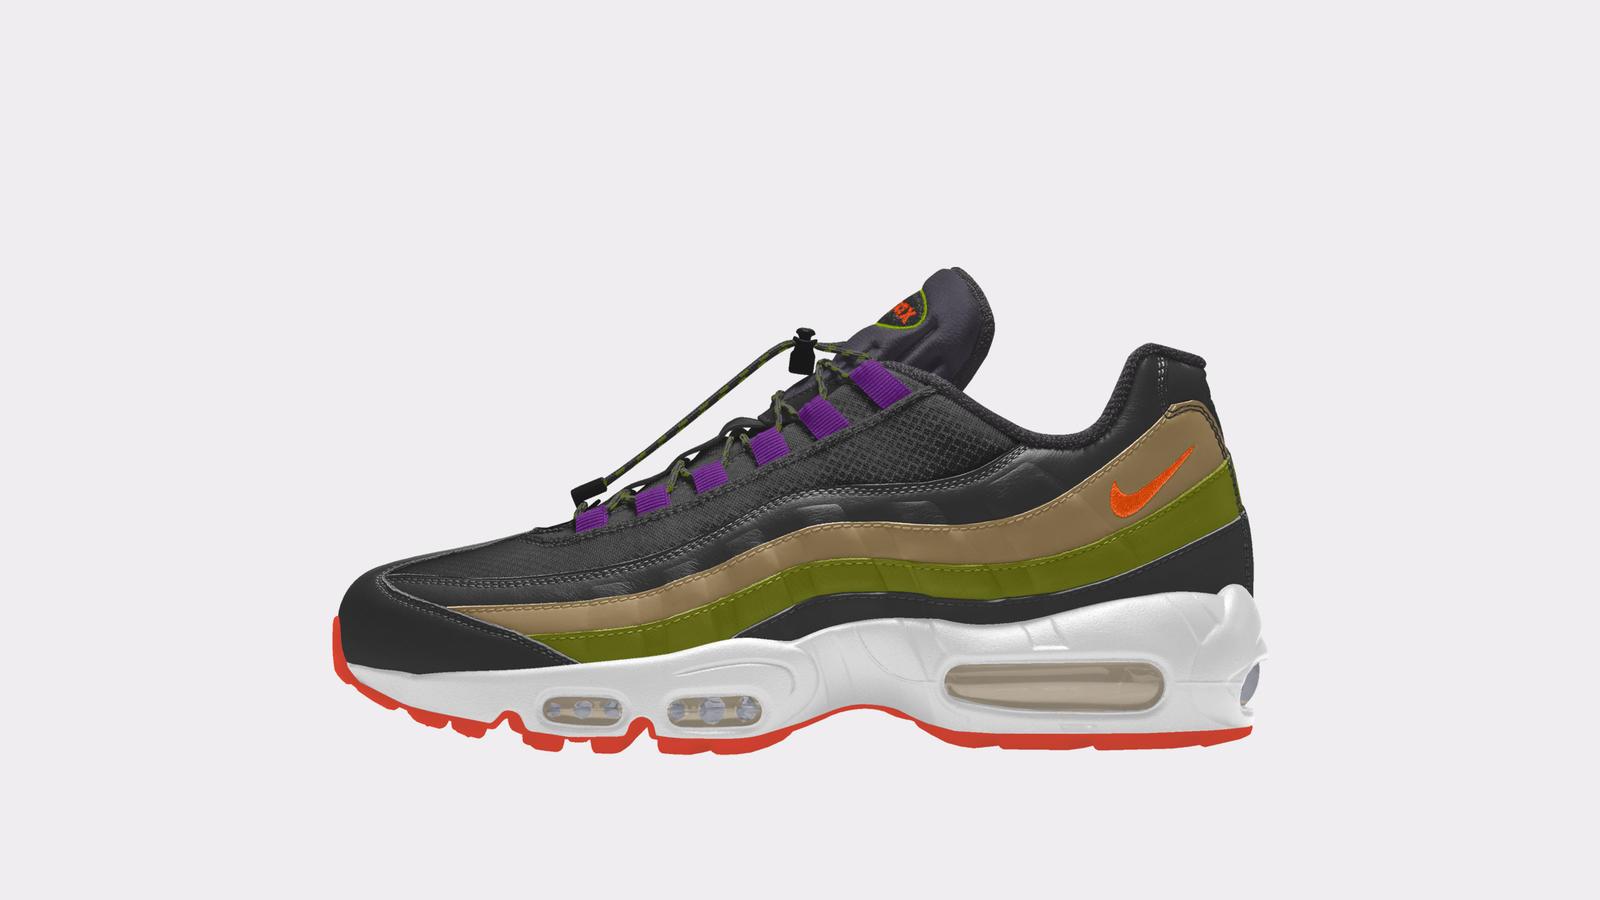 new style 40c15 dd8e1 Air Zoom Pegasus 36 Trail - Nike News